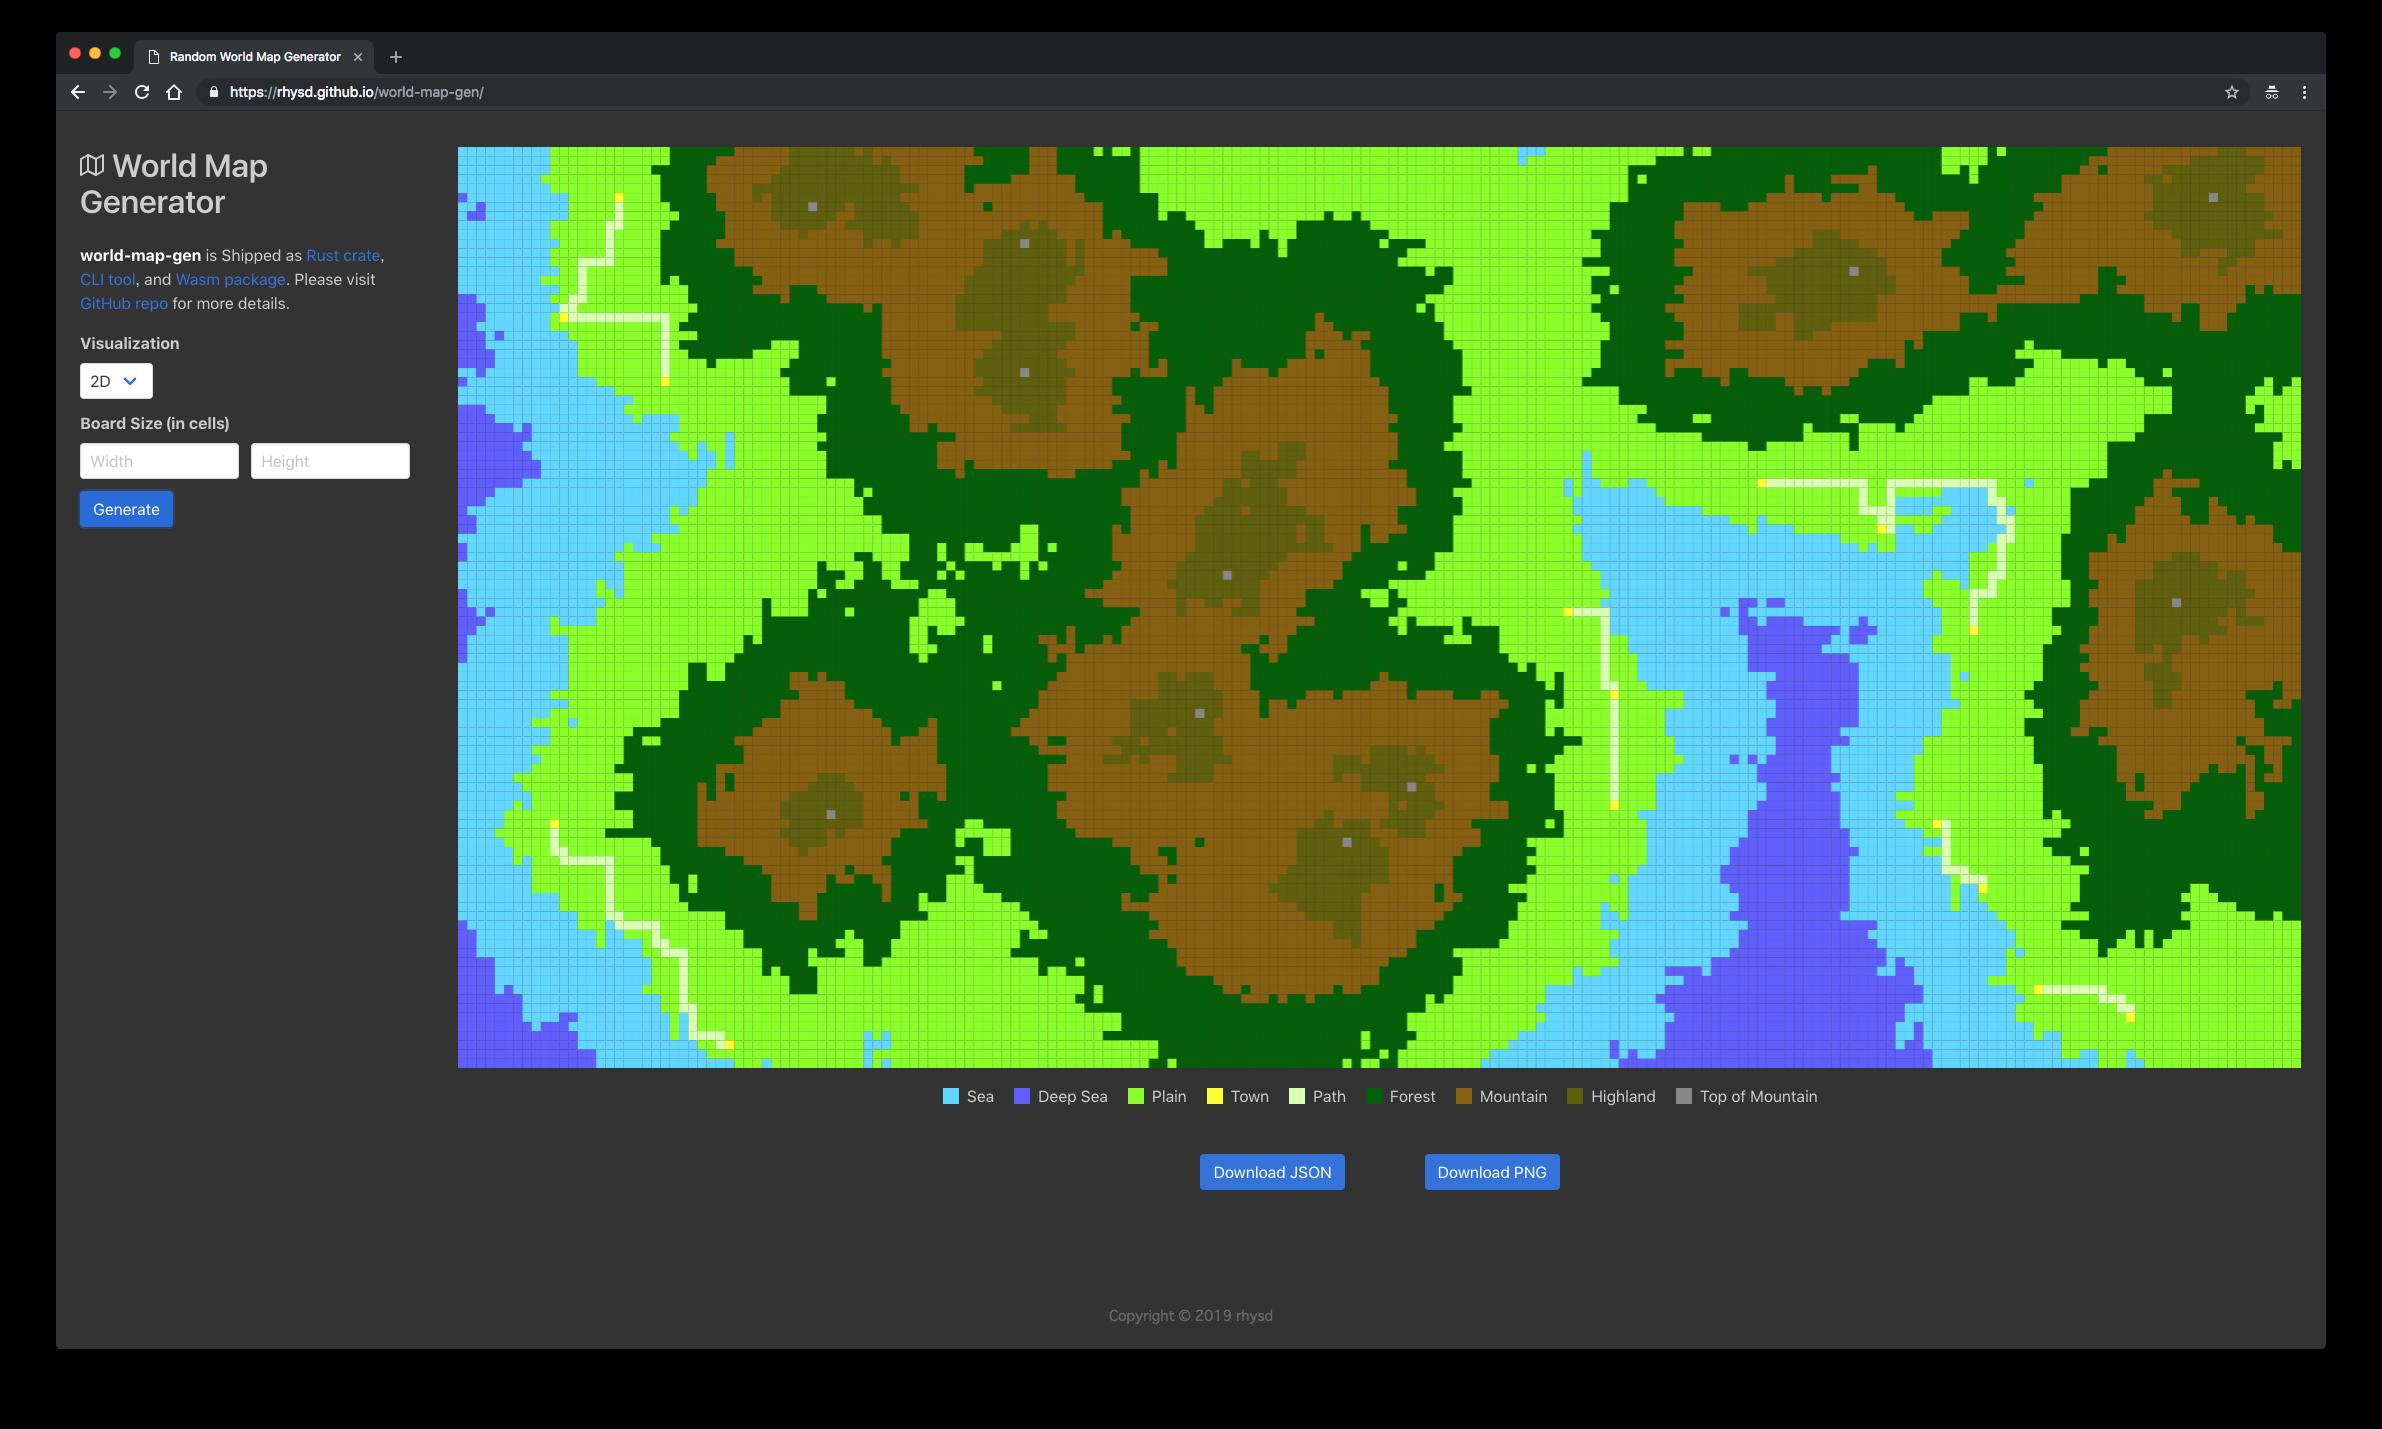 screenshot of 2D map